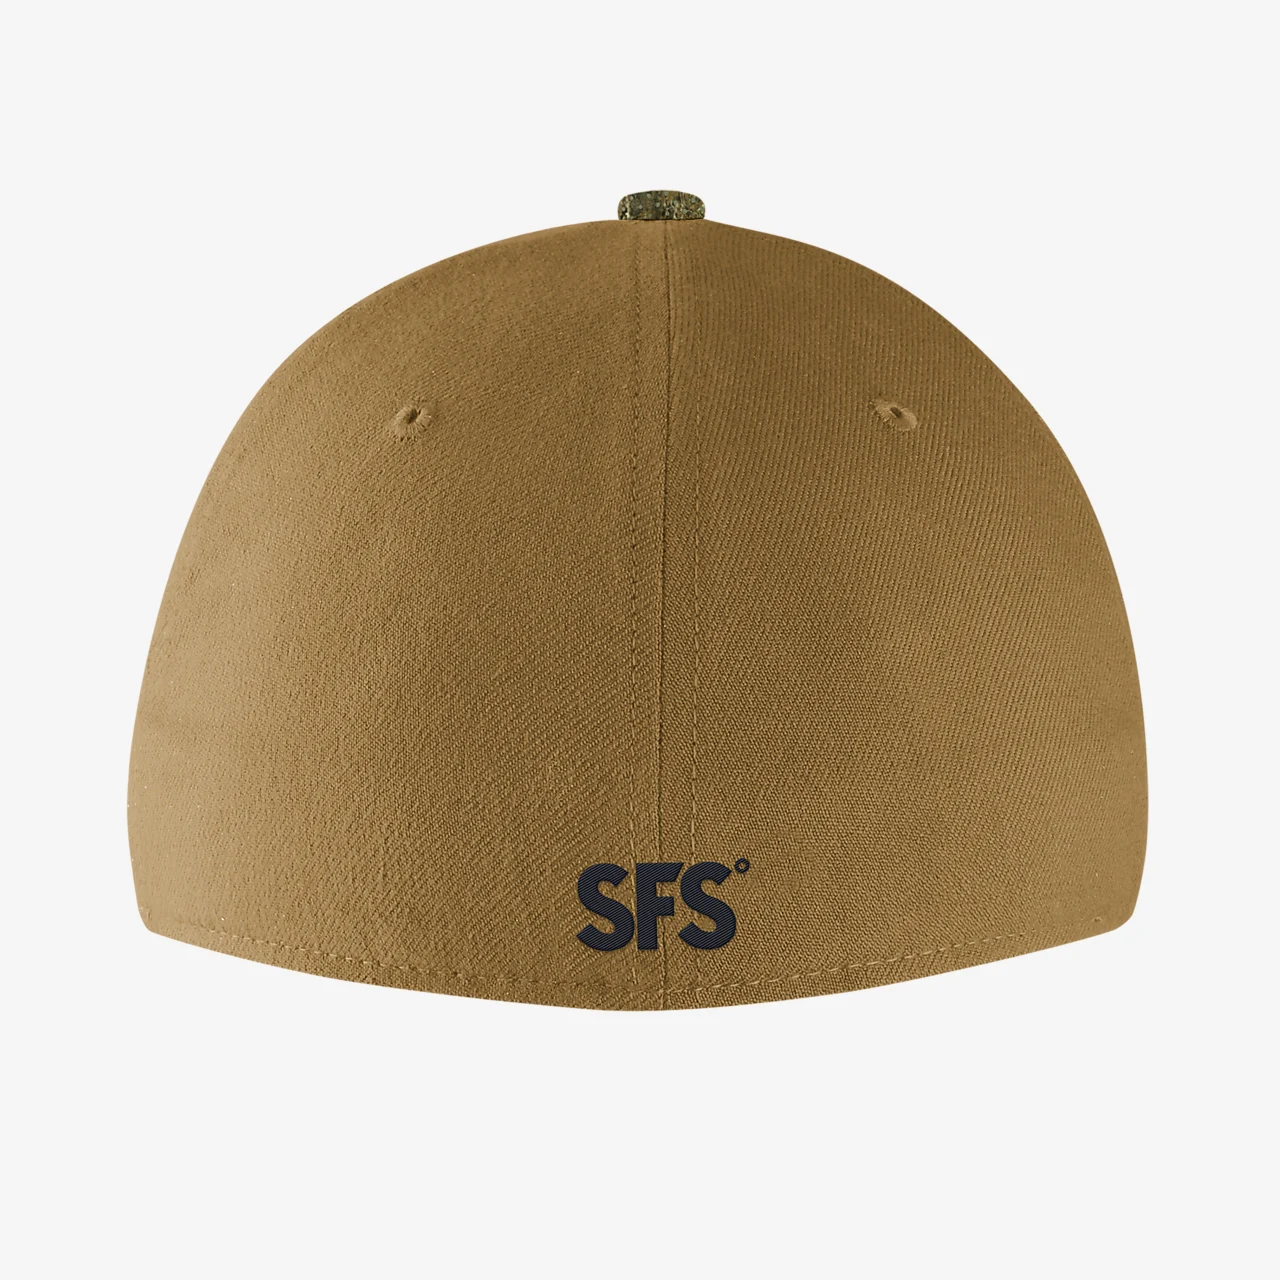 나이키 SFS 스우시 플렉스 카모 모자 C16944-74F